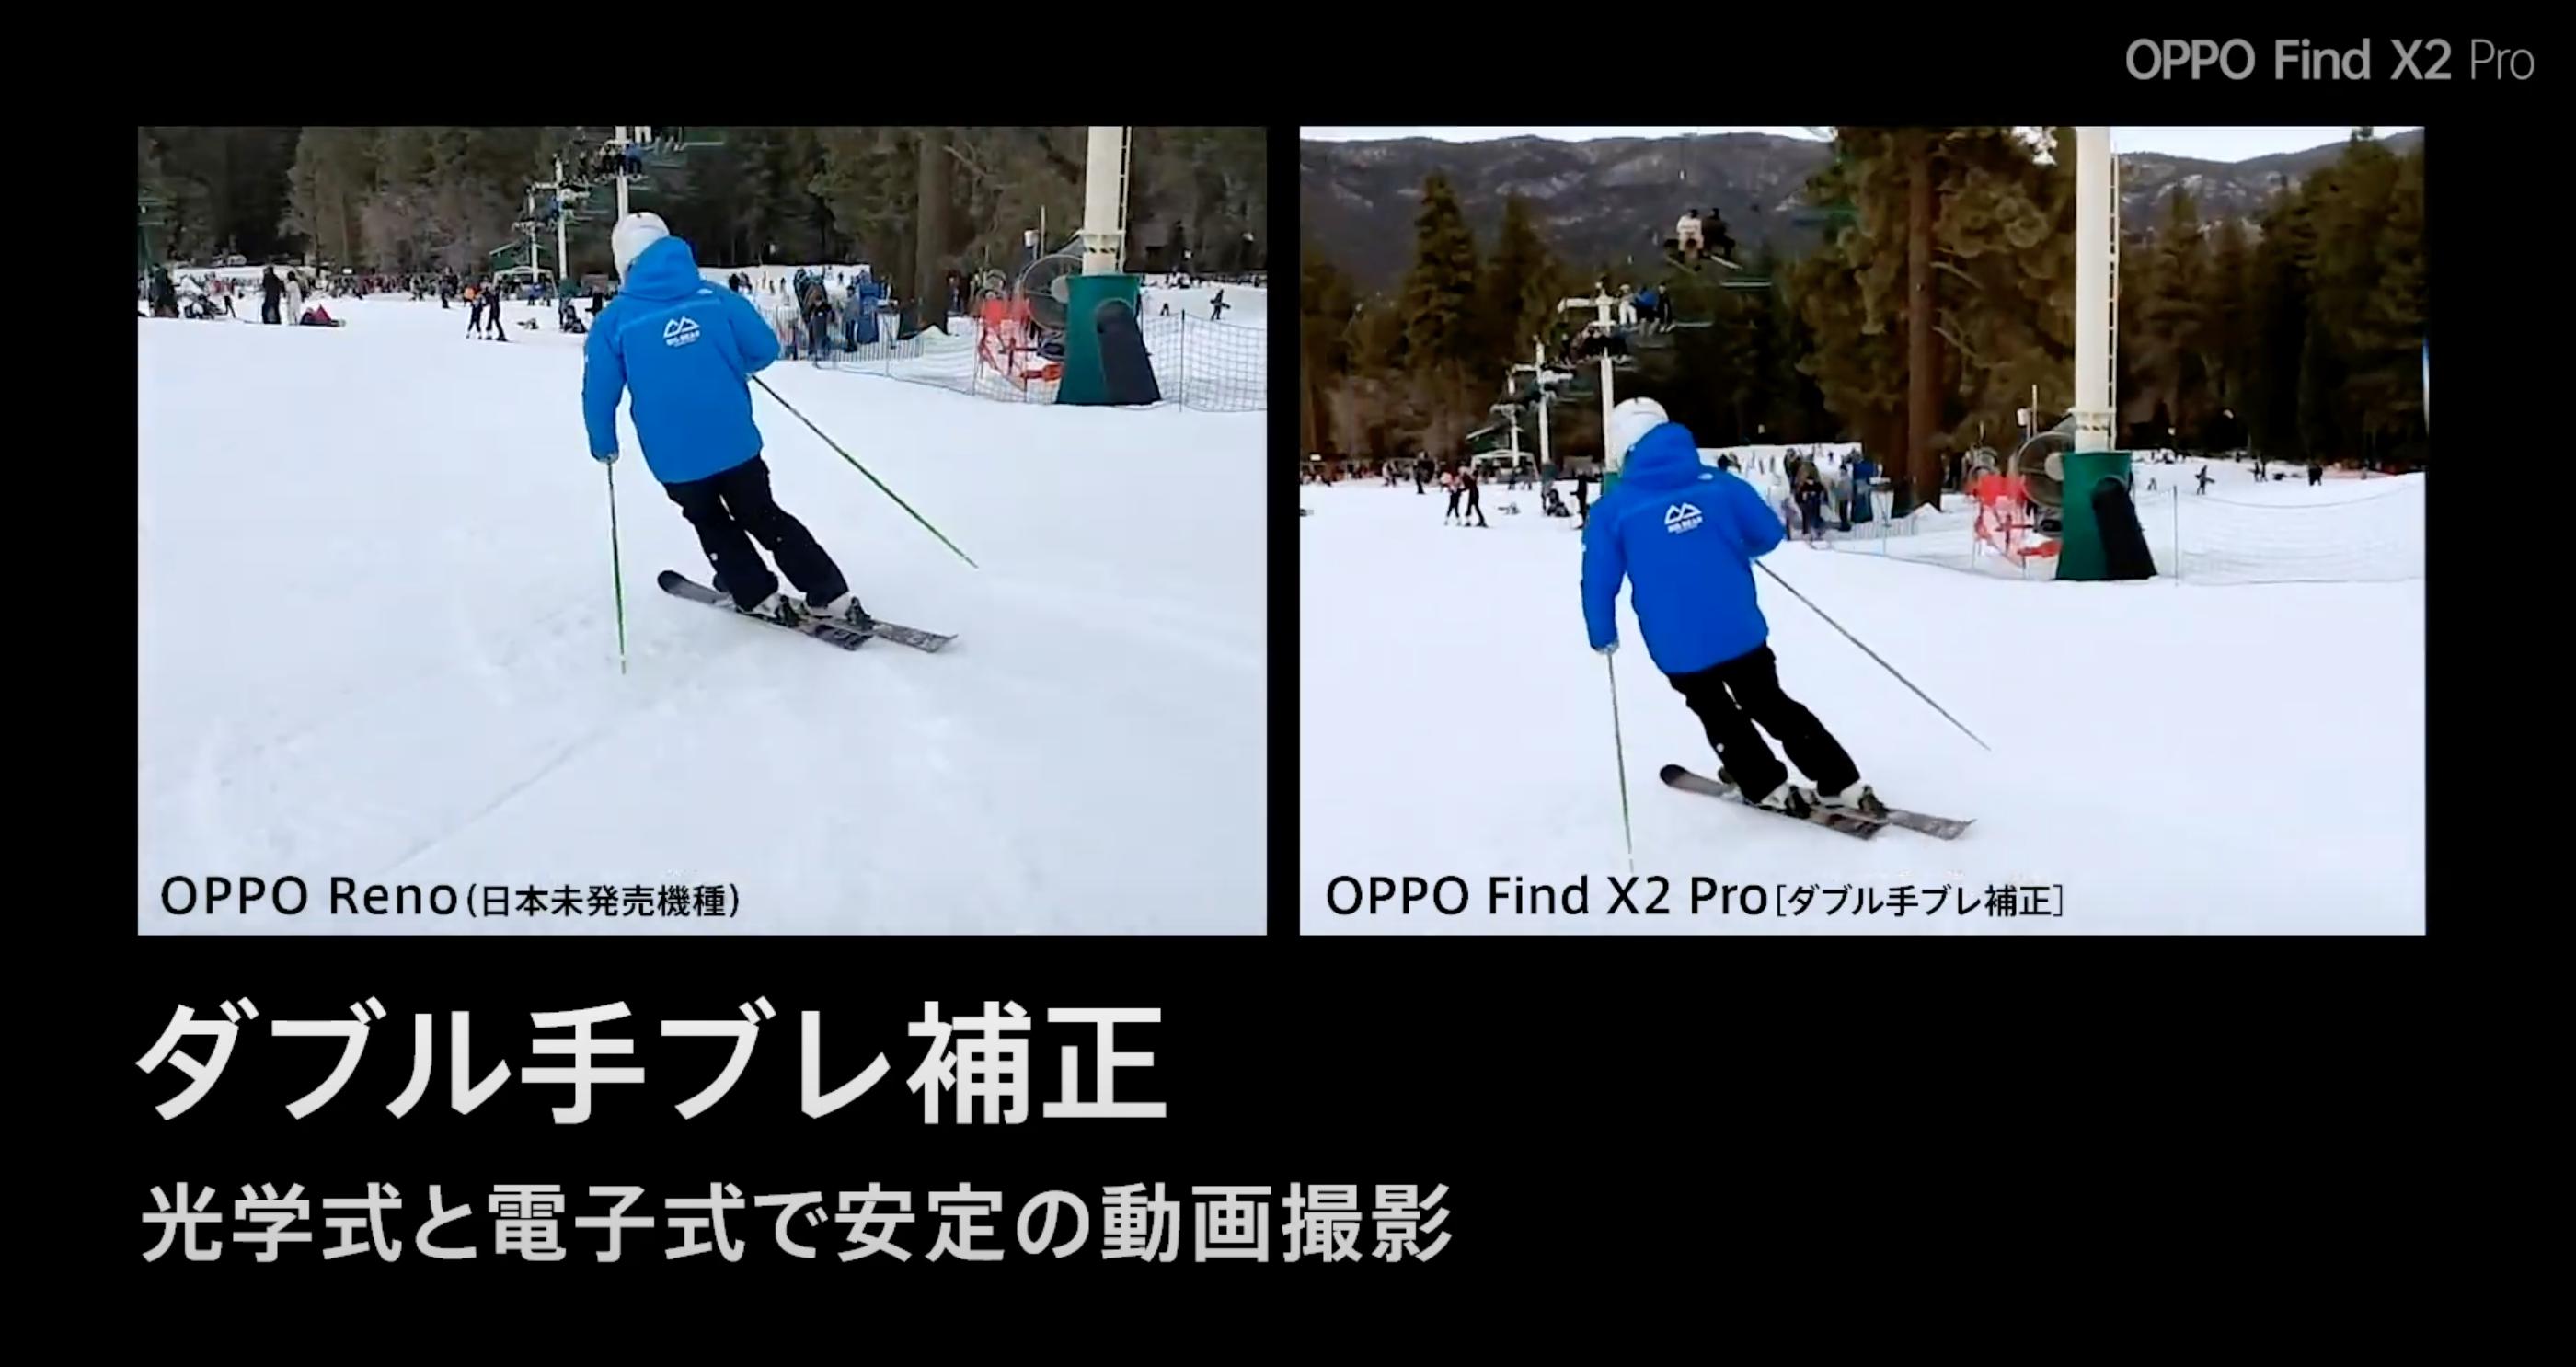 f:id:Azusa_Hirano:20200717193419p:plain